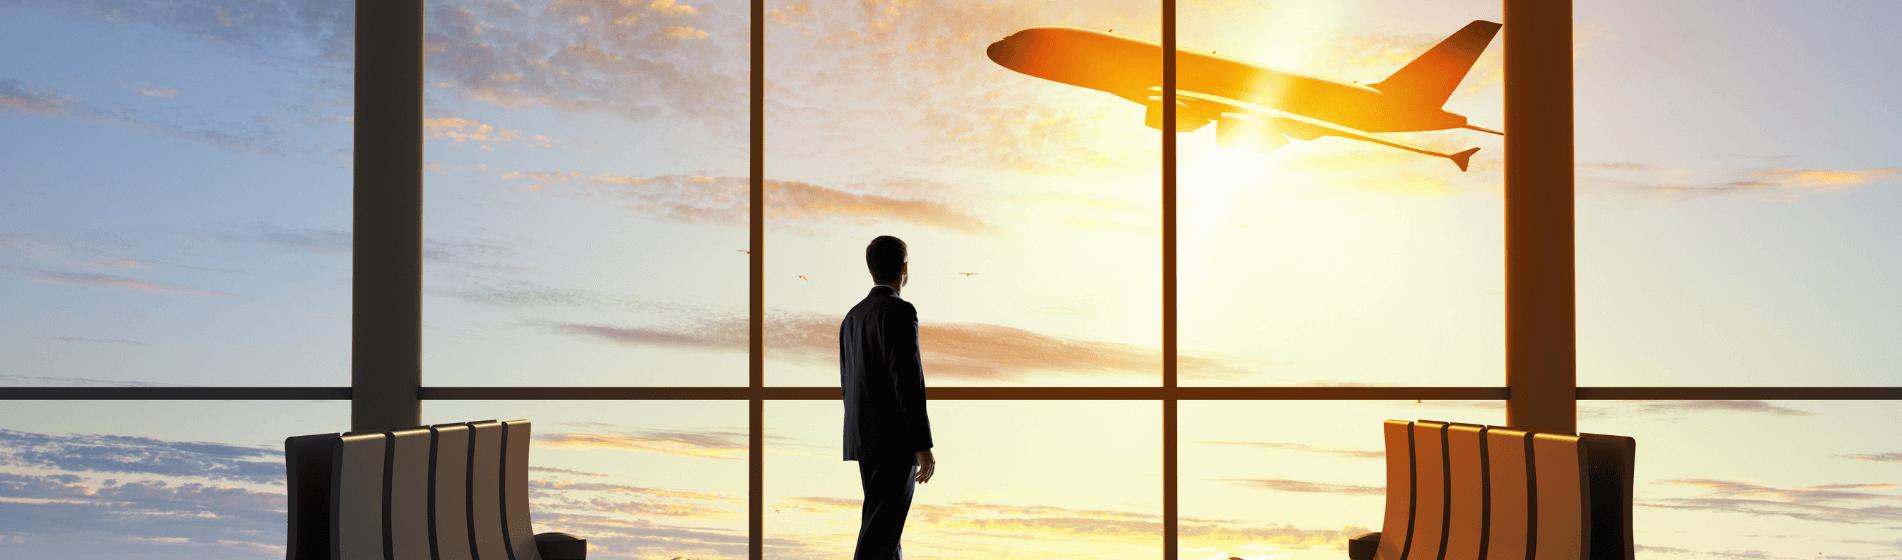 Will A Plan B Passport Affect My Travel Benefits?